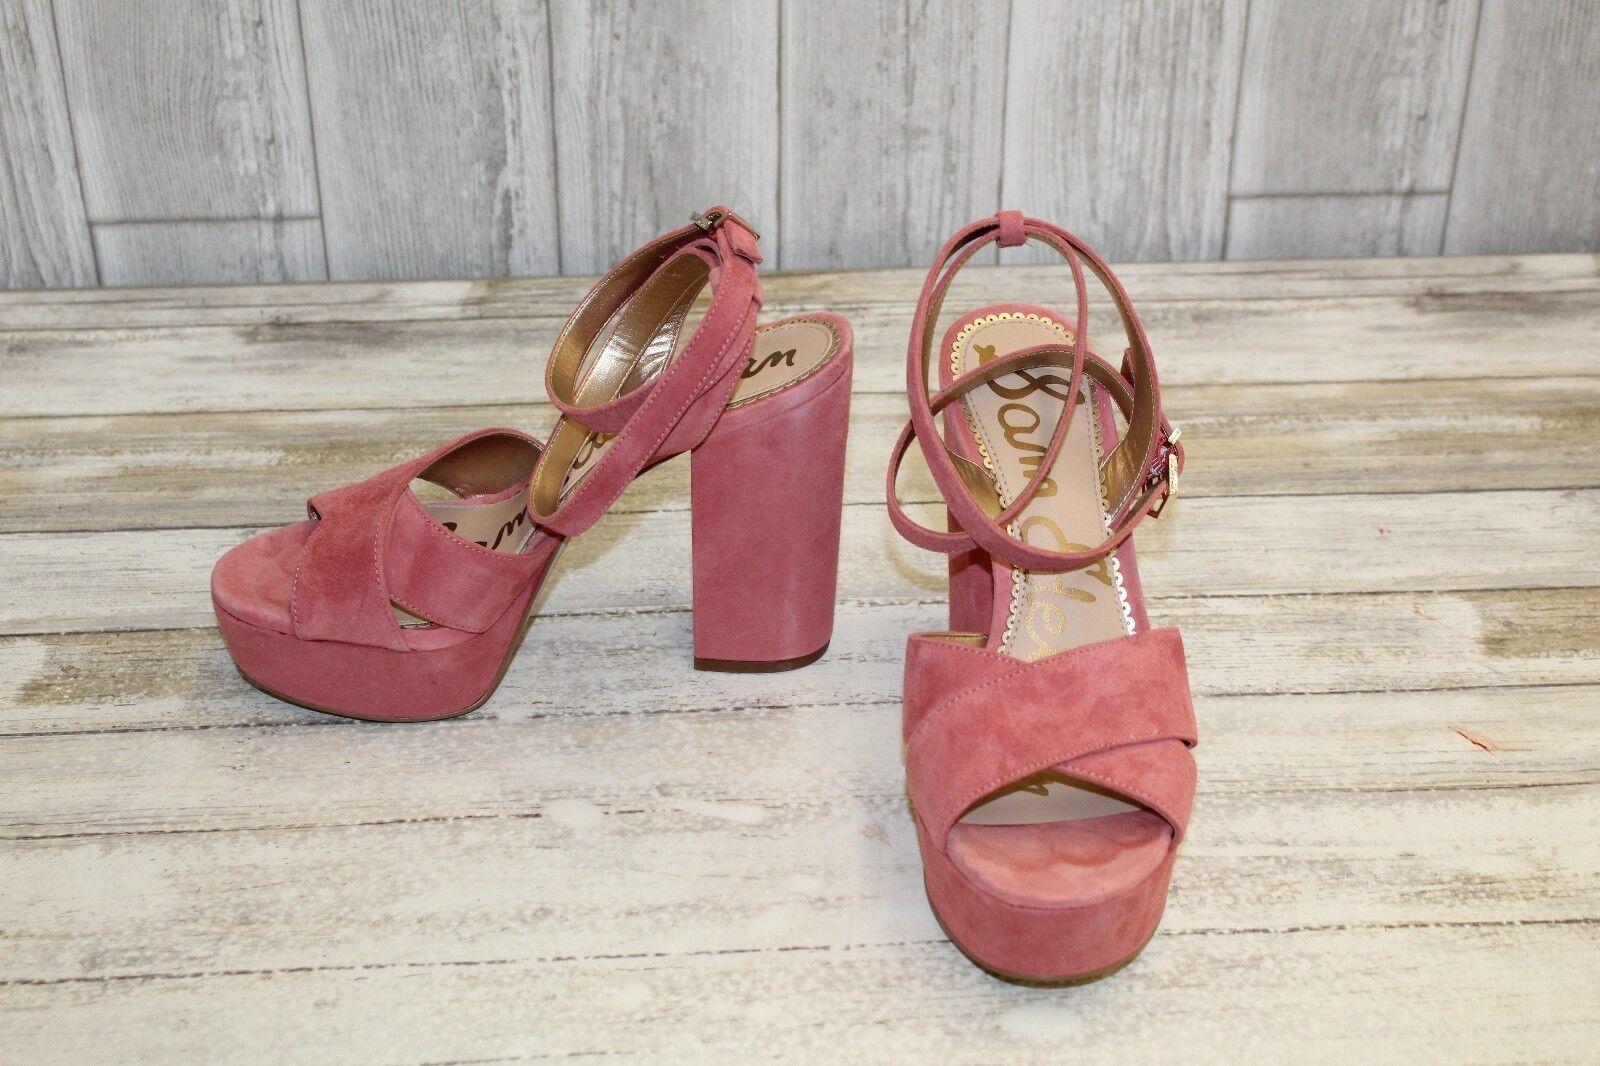 Sam Edelman Mara Tacones-Para Mujer Mujer Mujer Talla 7.5 M, Coral  Seleccione de las marcas más nuevas como